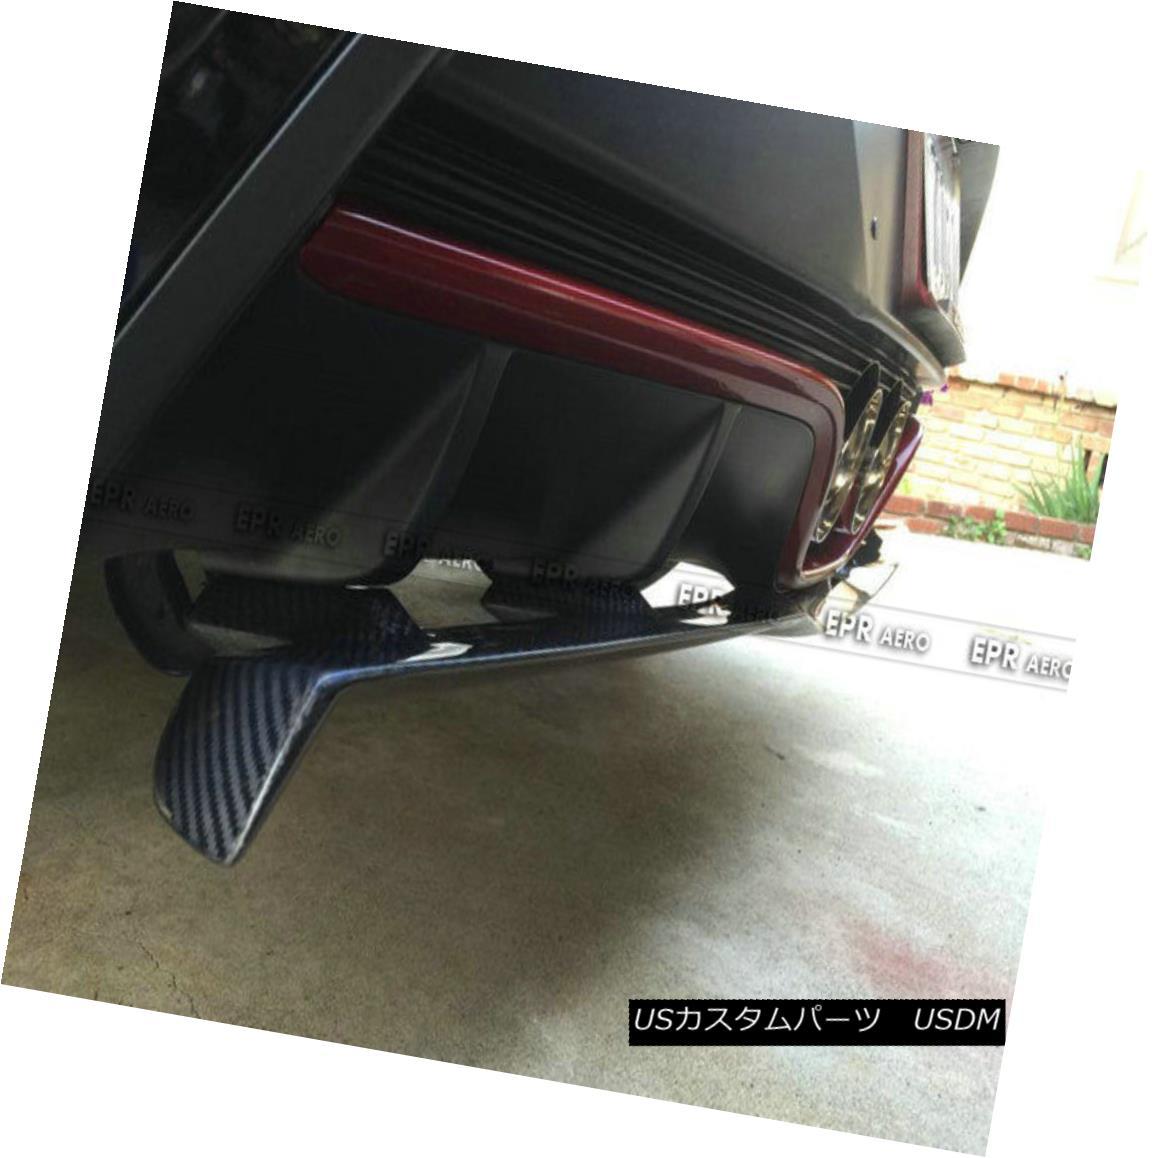 エアロパーツ Pop Rear Diffuser Kit For Hyundai Veloster Turbo Carbon Fiber NFD Style 現代VelosterターボカーボンファイバーのためのポップリアディフューザーキットNFDスタイル